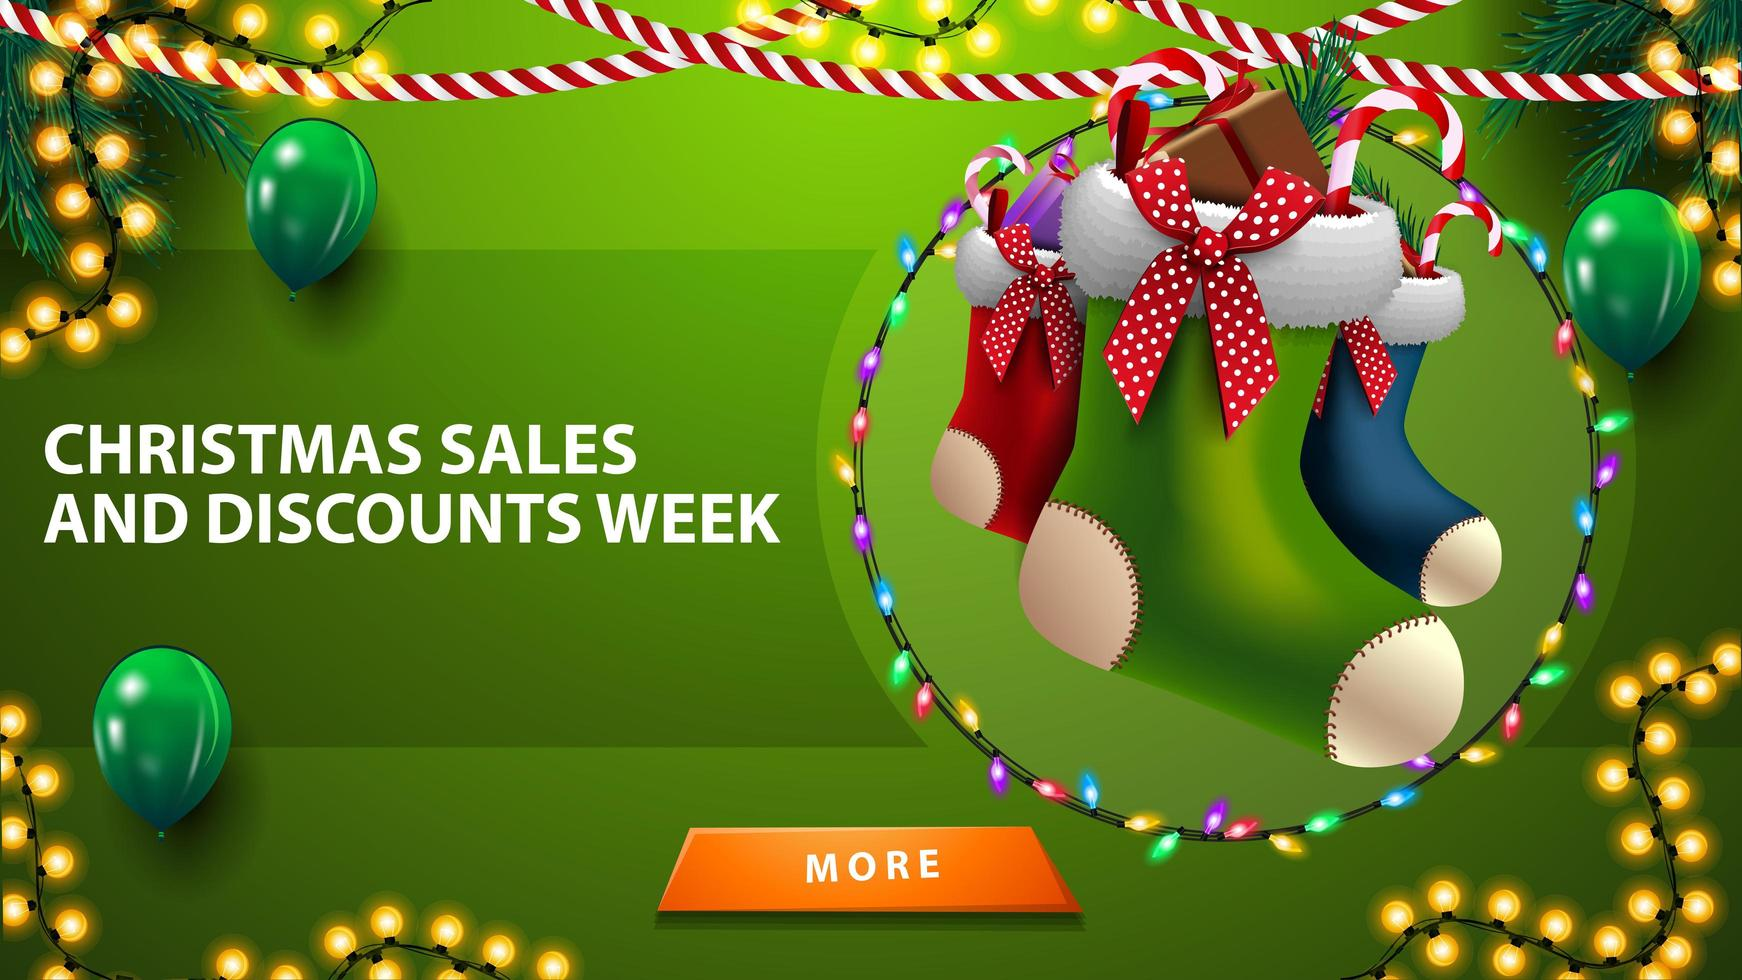 Weihnachtsverkauf und Rabattwoche, horizontales grünes Rabattbanner mit Luftballons, Girlanden, Weihnachtsstrümpfen und Knopf vektor